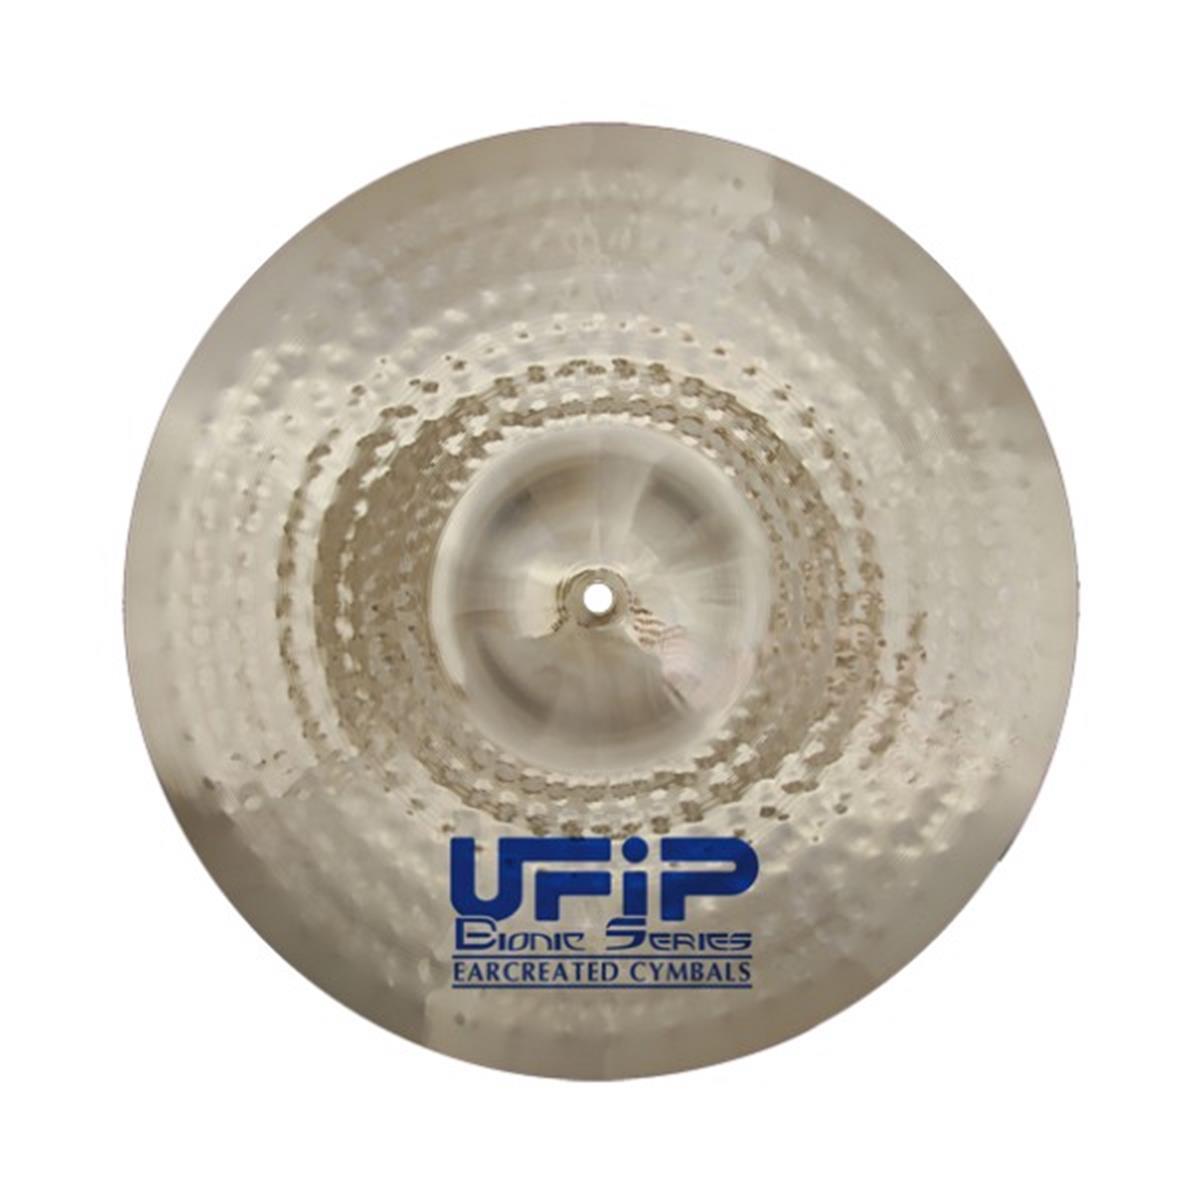 UFIP BIONIC CRASH 19